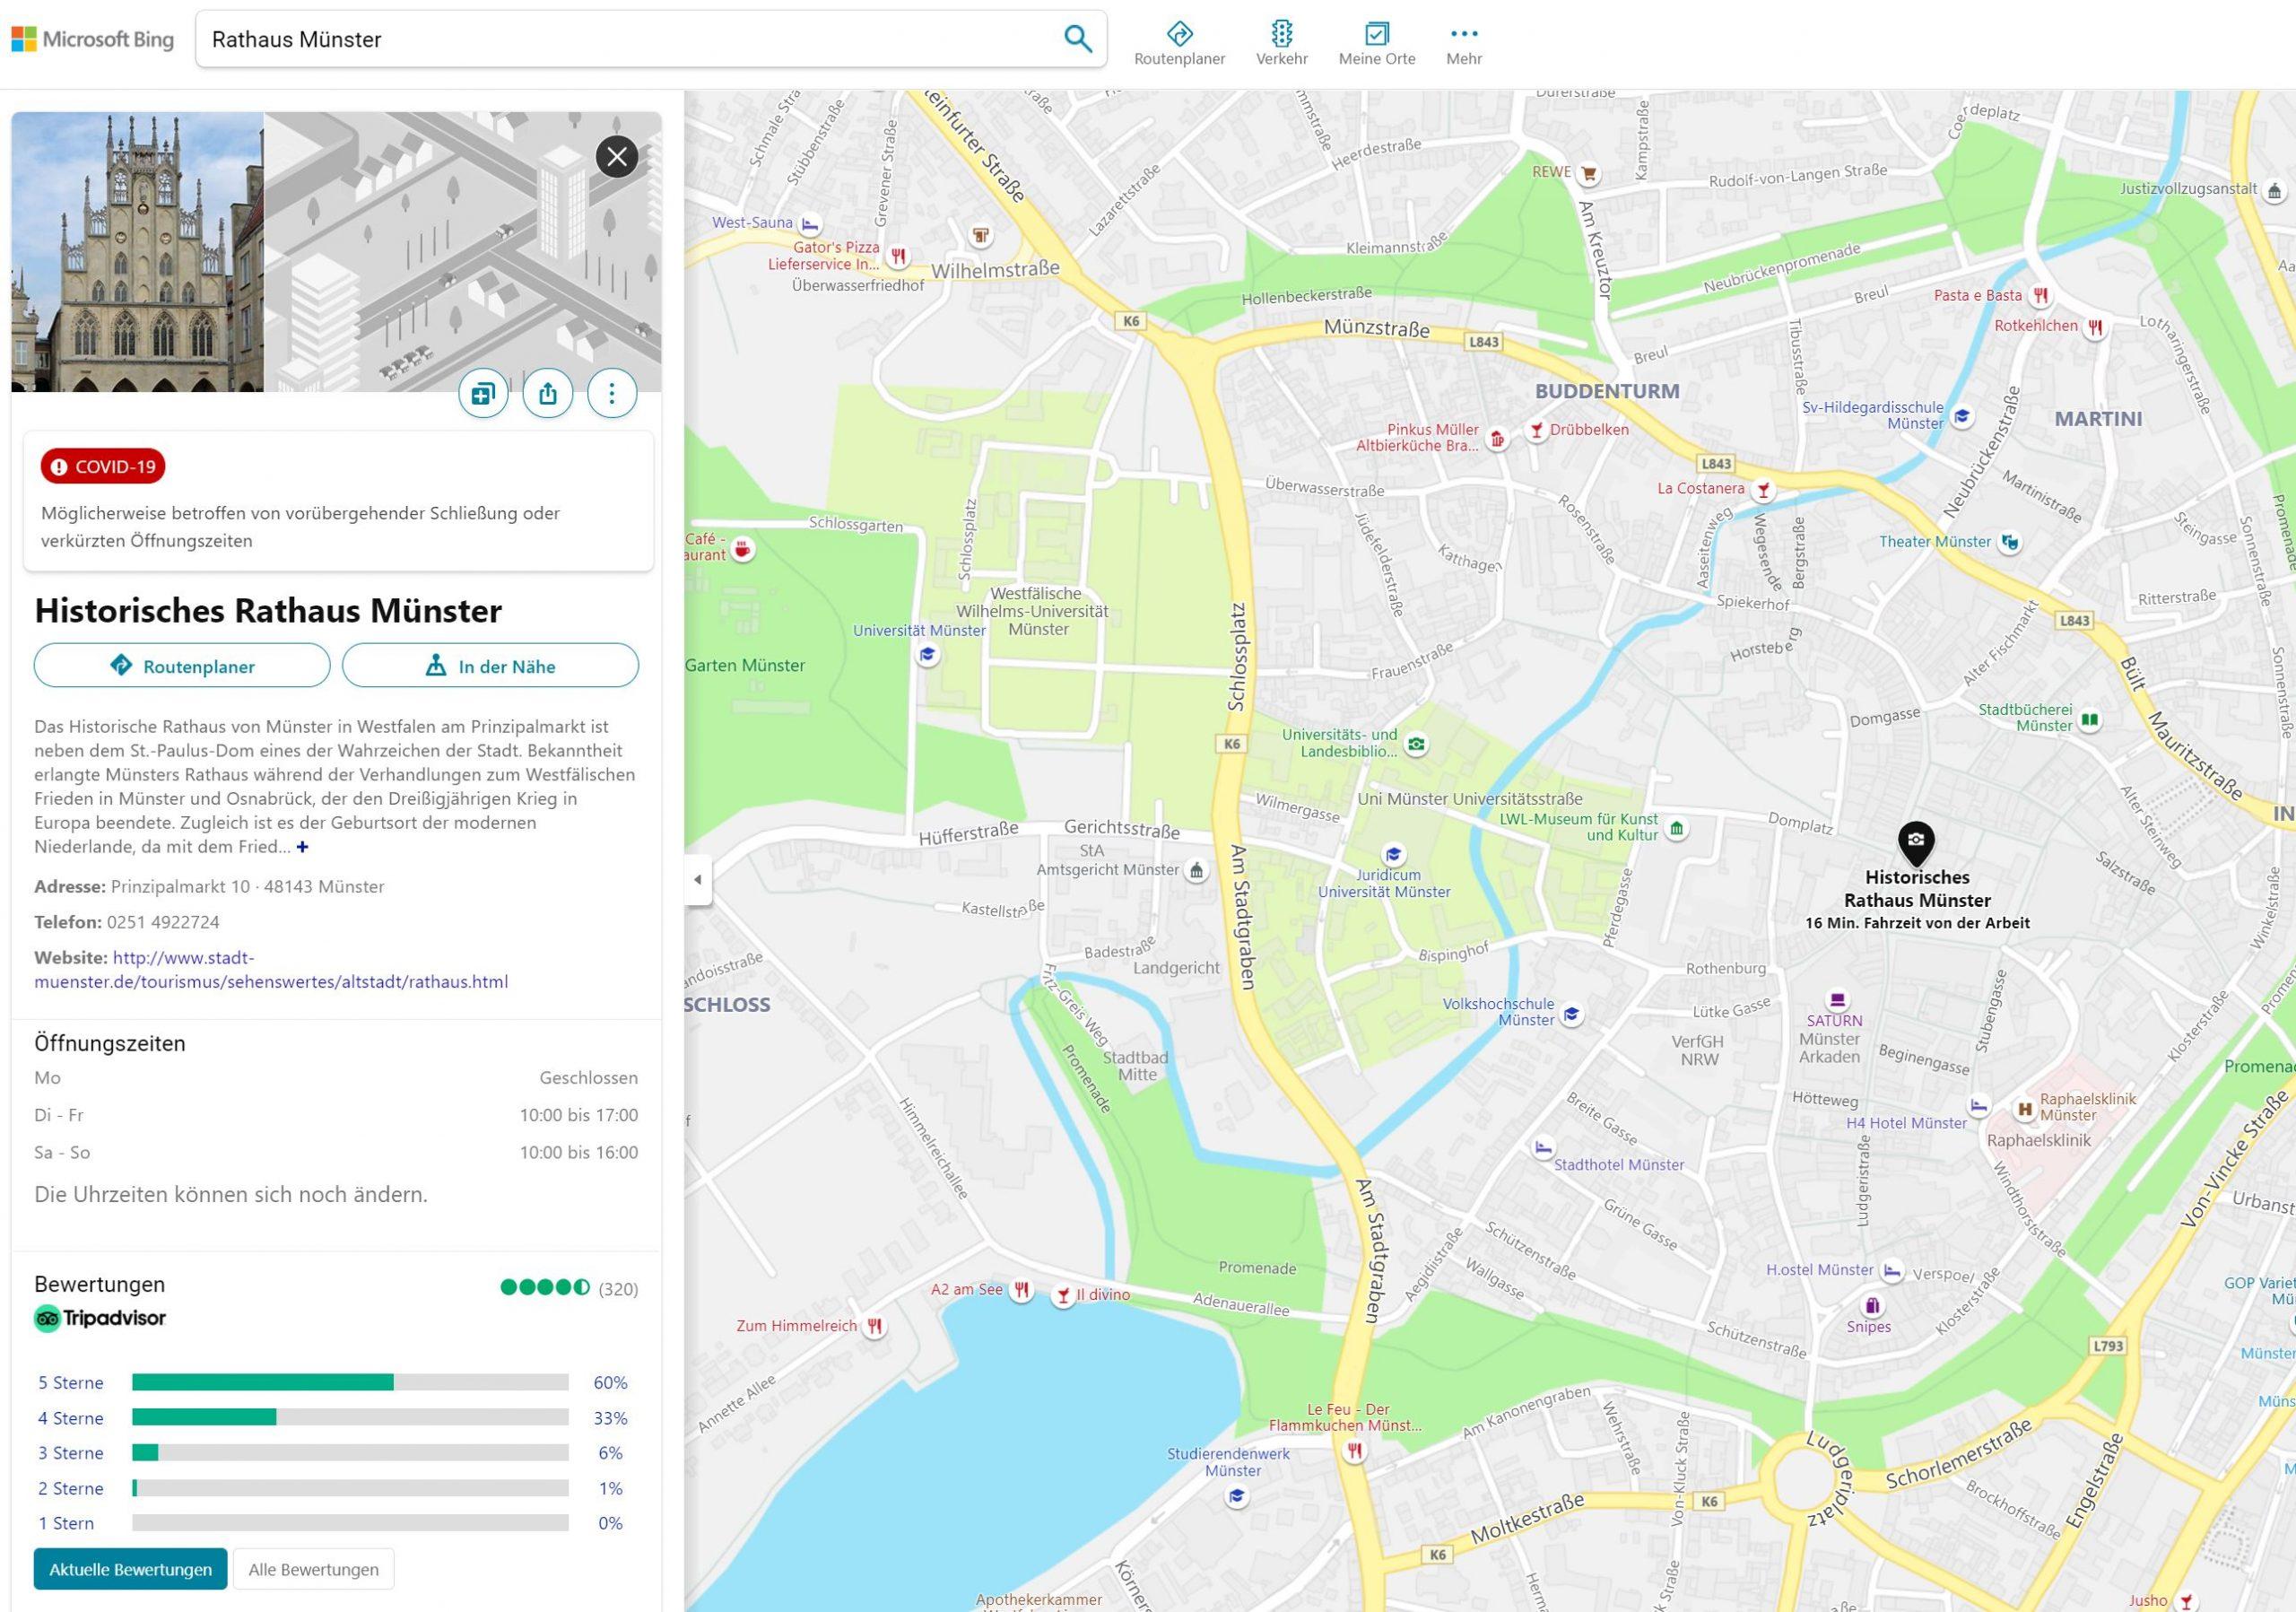 Bing Places Eintrag im Detail